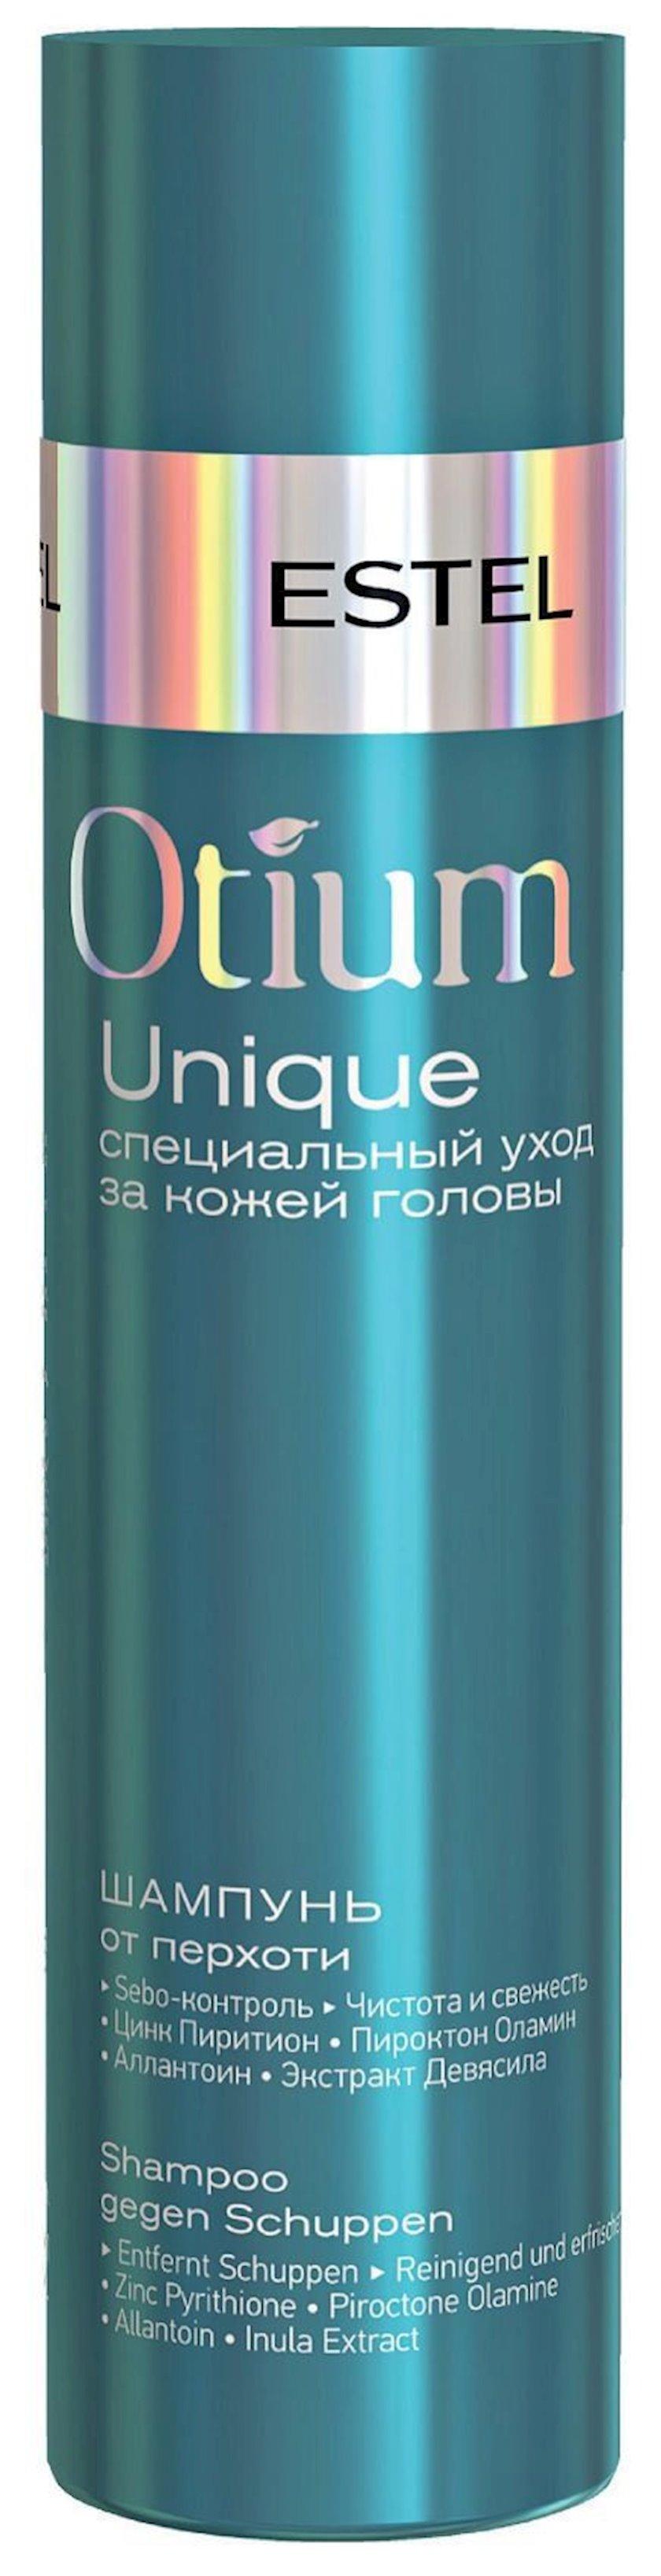 Şampun Estel Professional Otium Unique kəpəklərə qarşı 250 ml